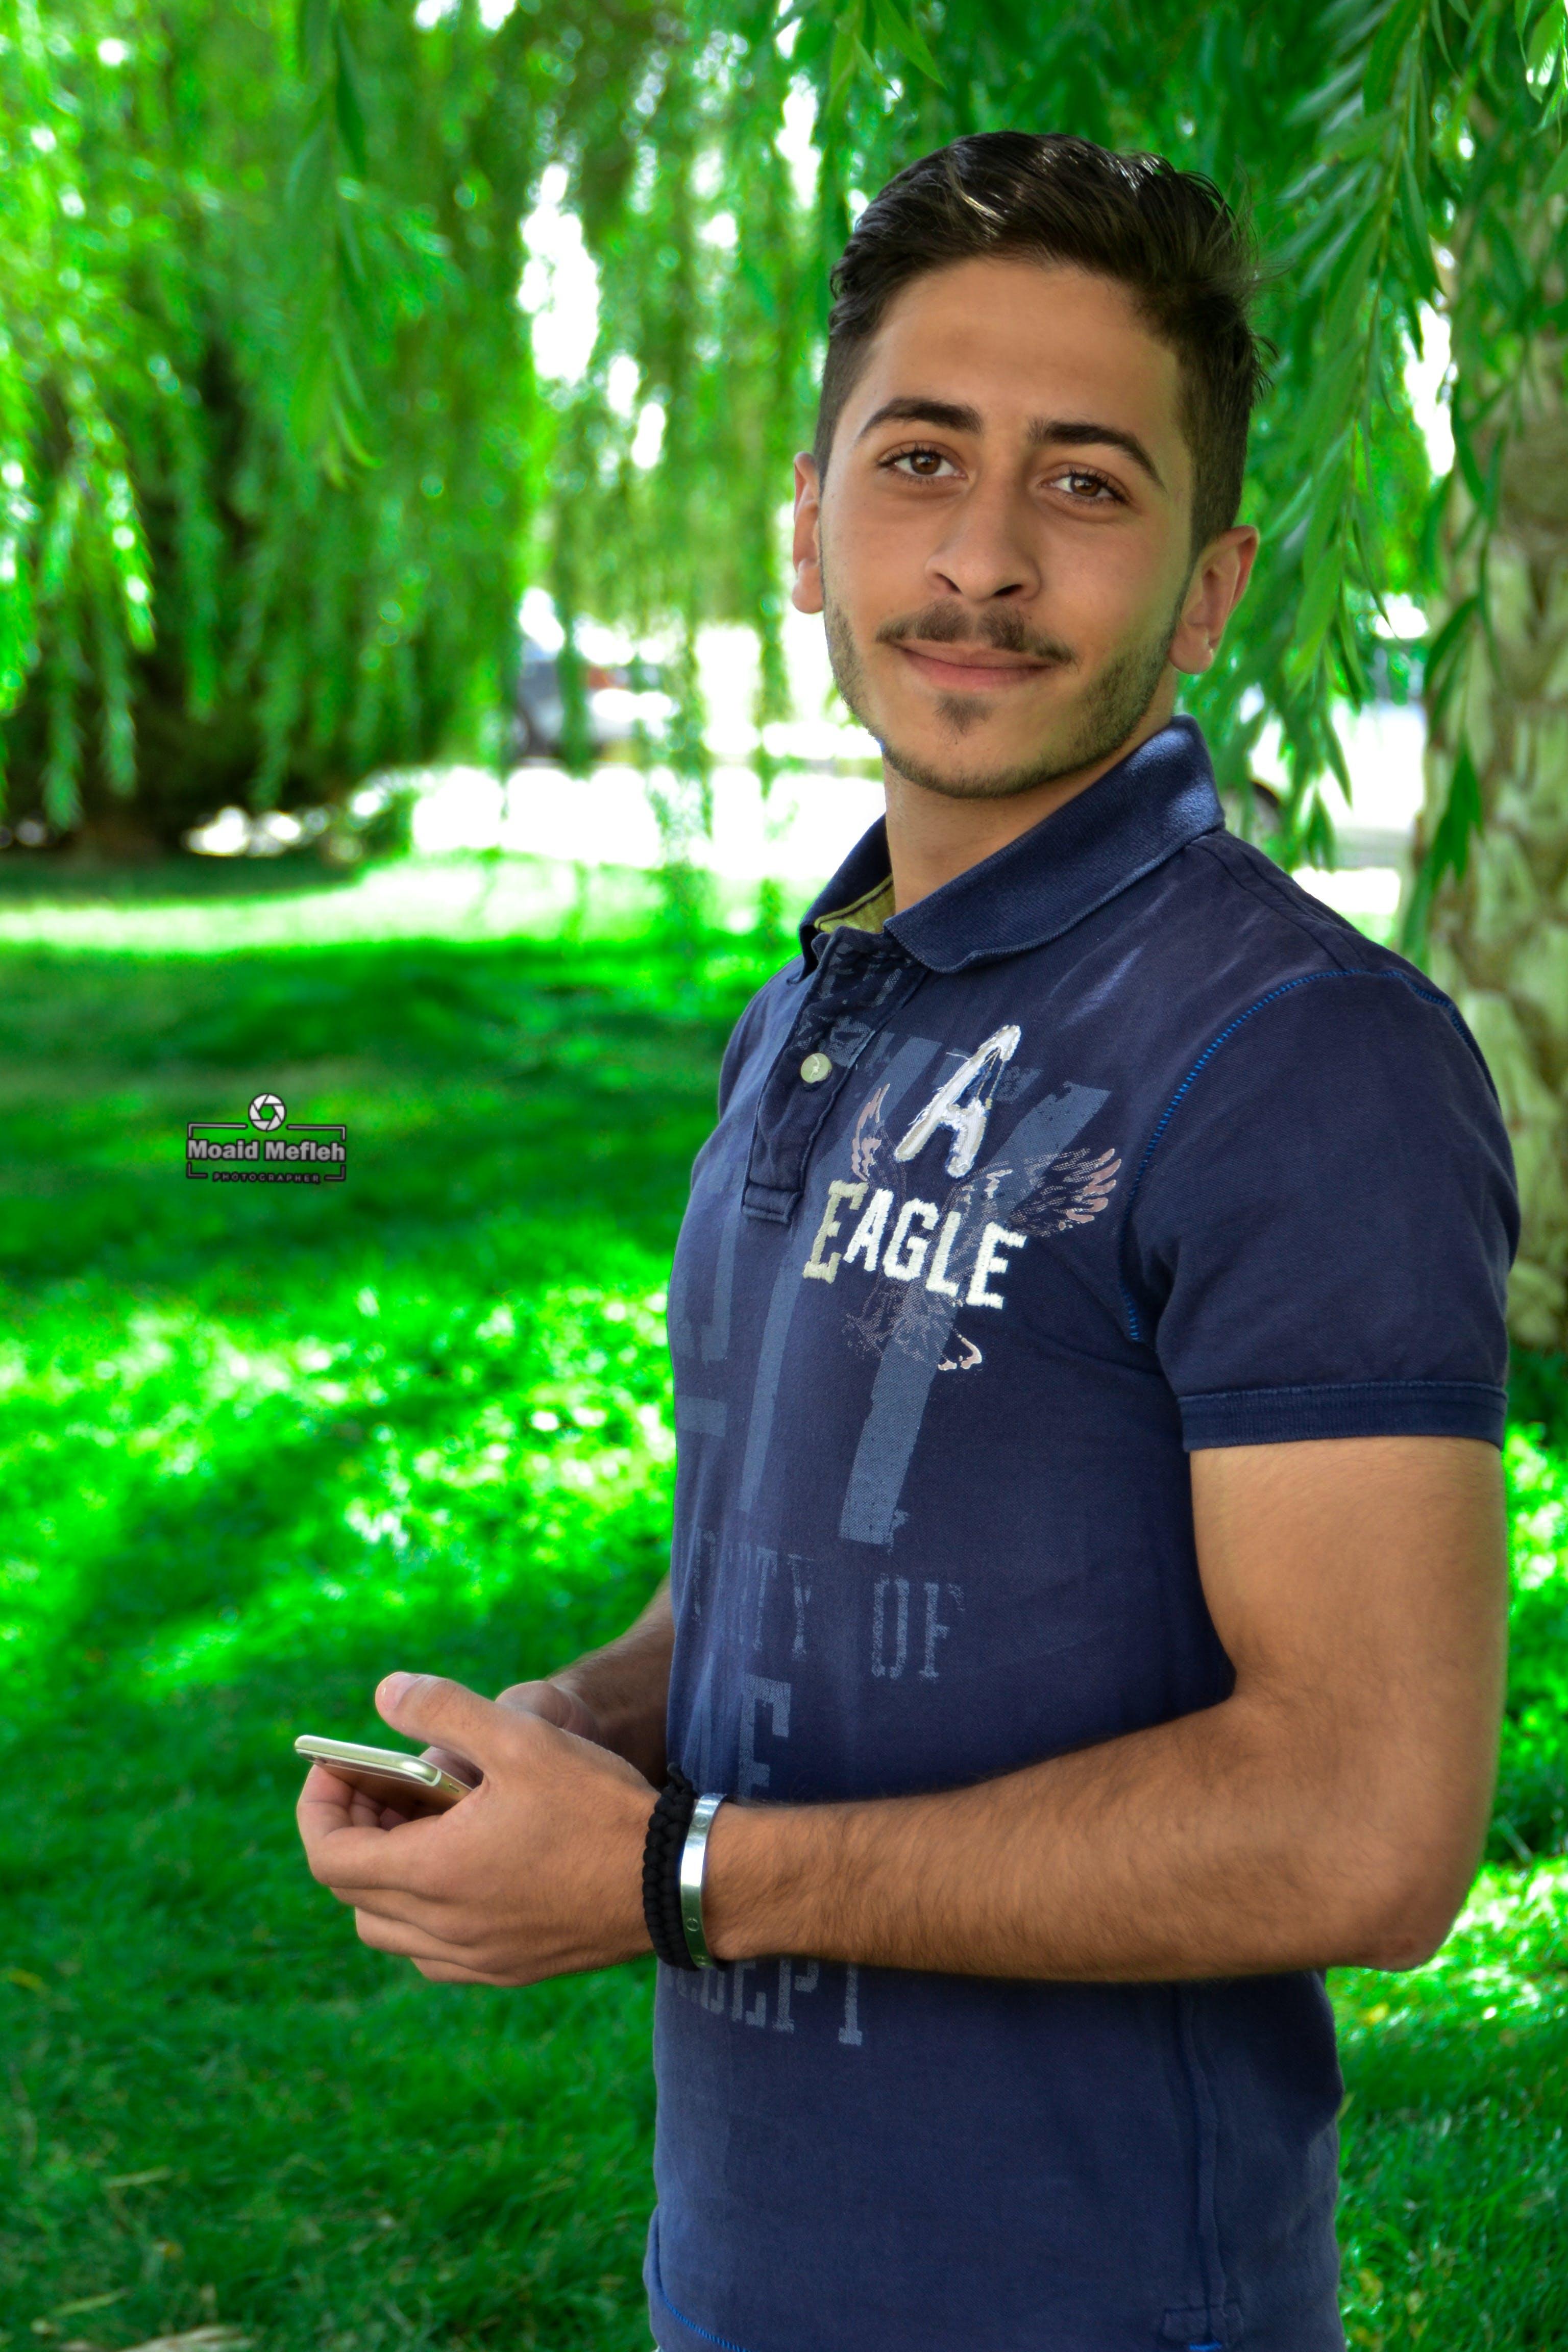 Immagine gratuita di moaid mefleh